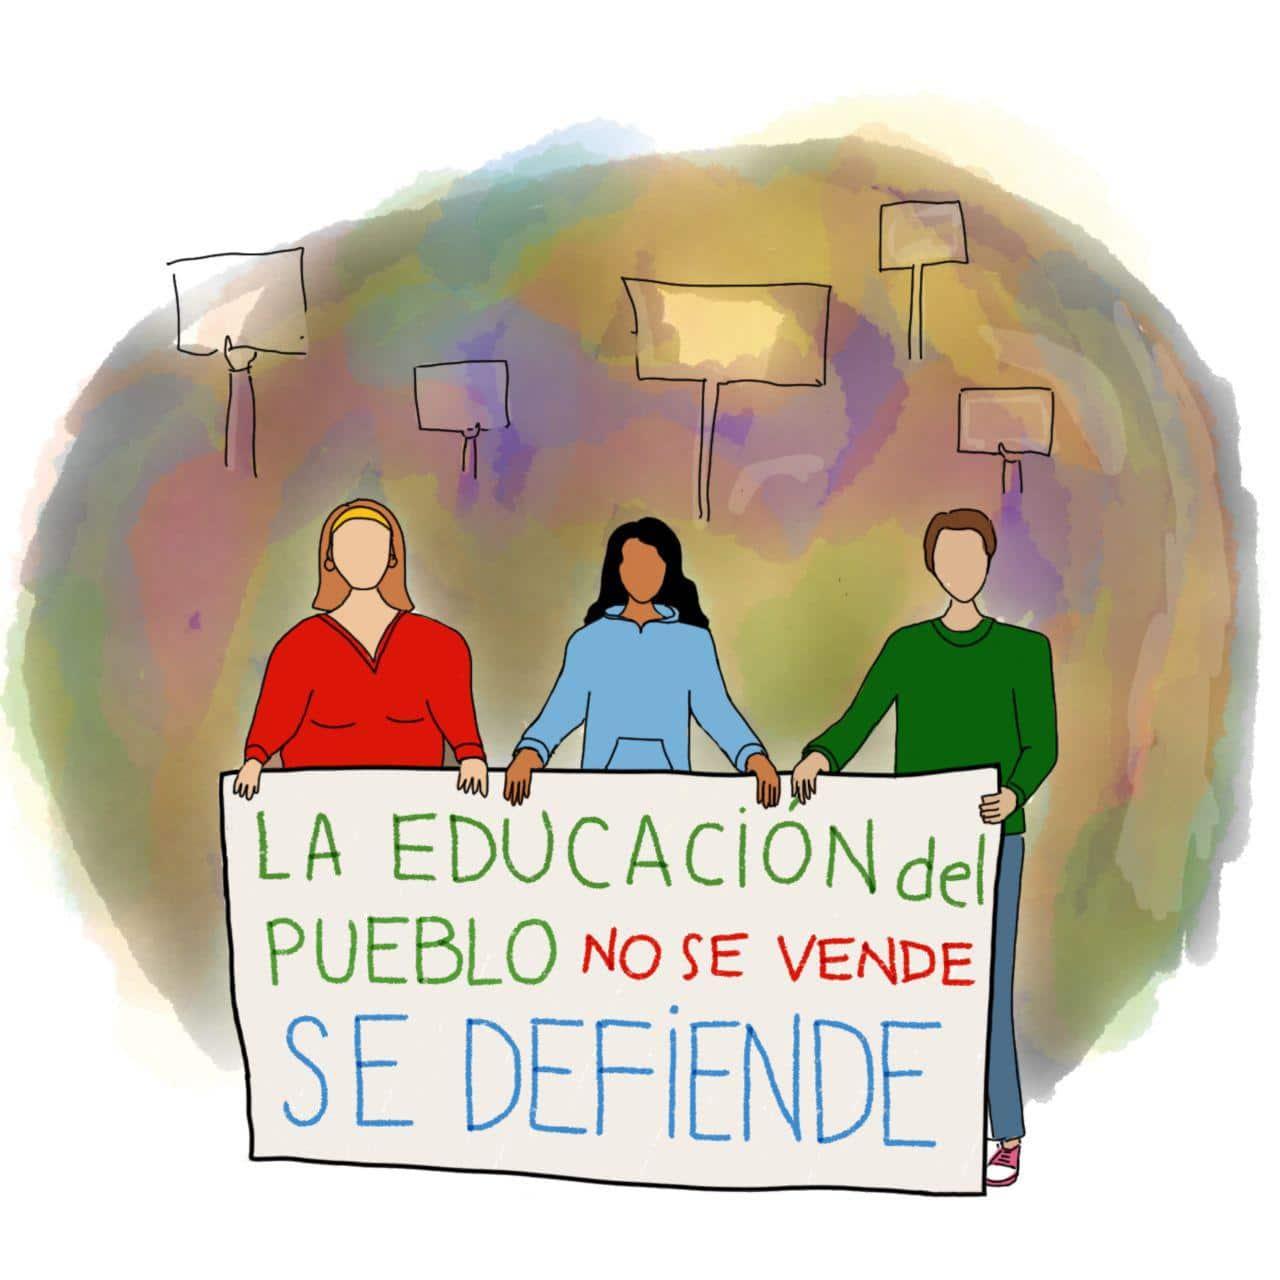 """Ilustración. Marcha del 14 de agosto, estudiantes con un cartel que dice """"La educación del pueblo no se vende. Se defiende""""."""